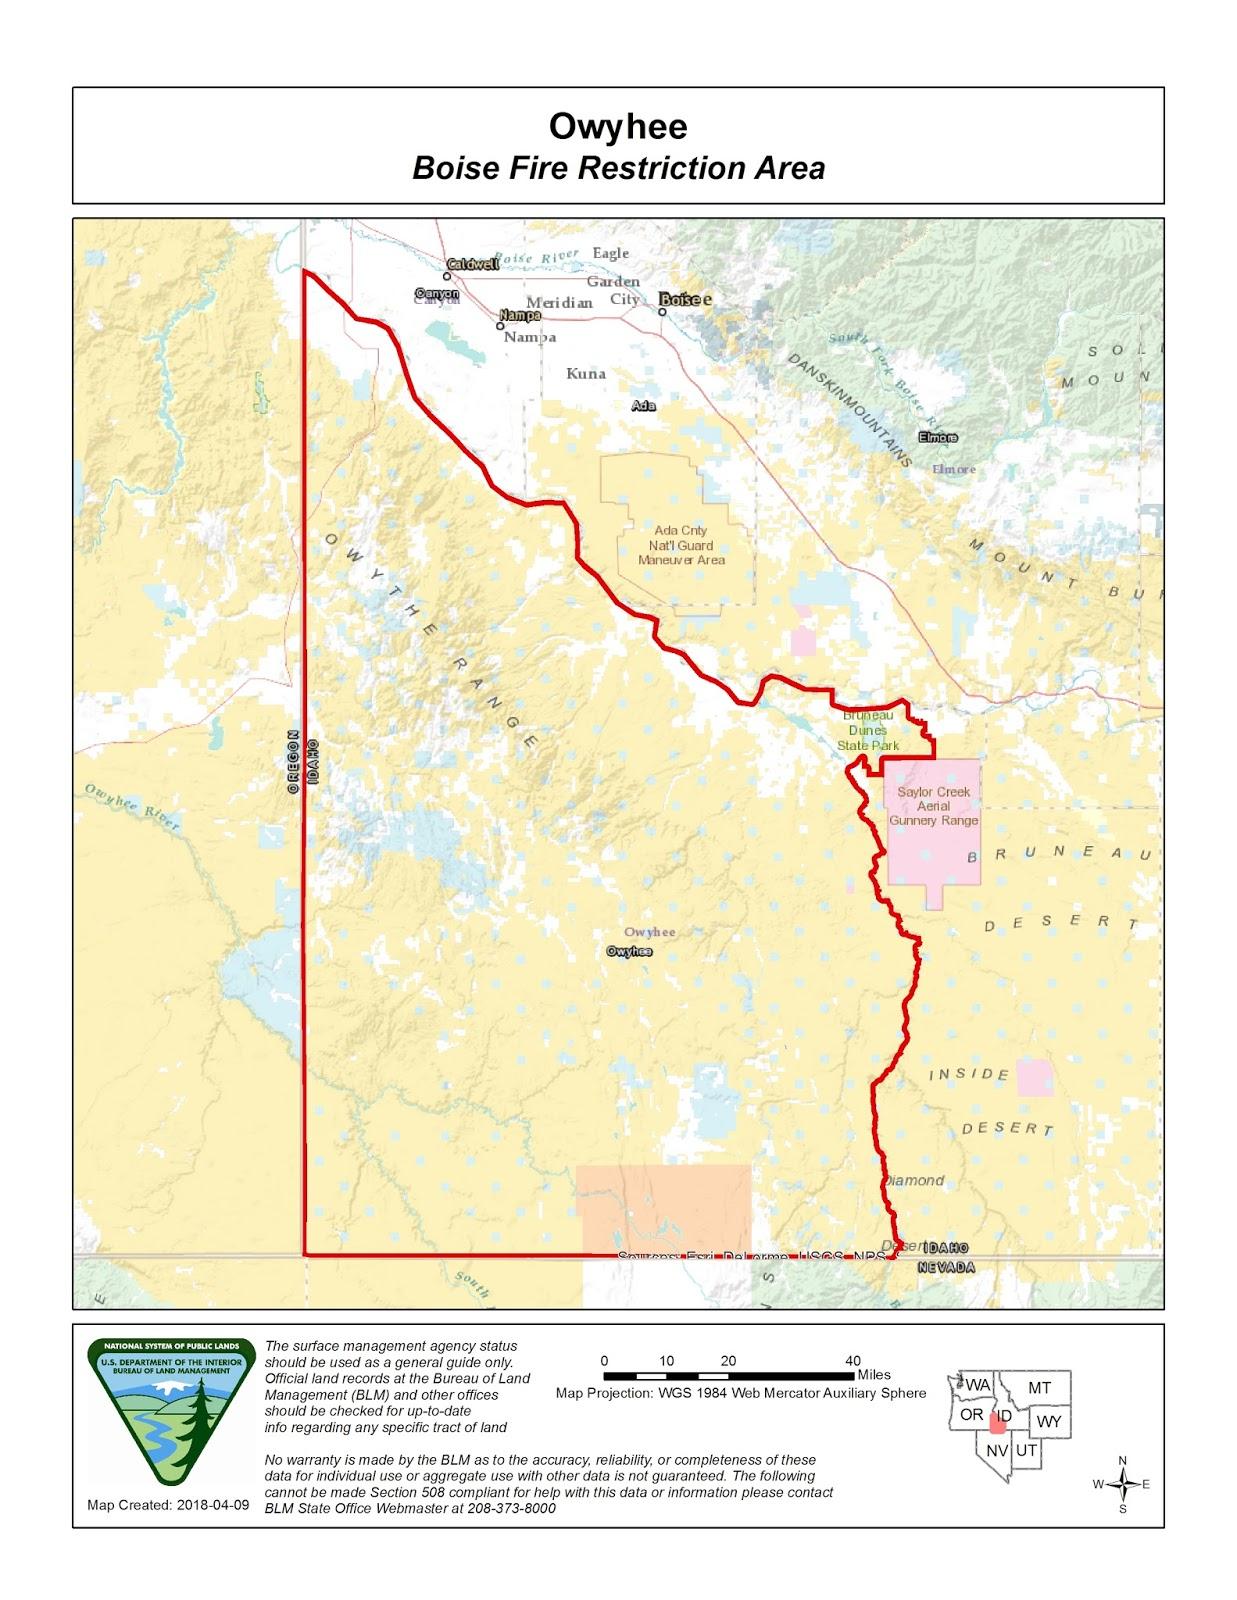 Idaho Fire Information: Boise Fire Restriction Area